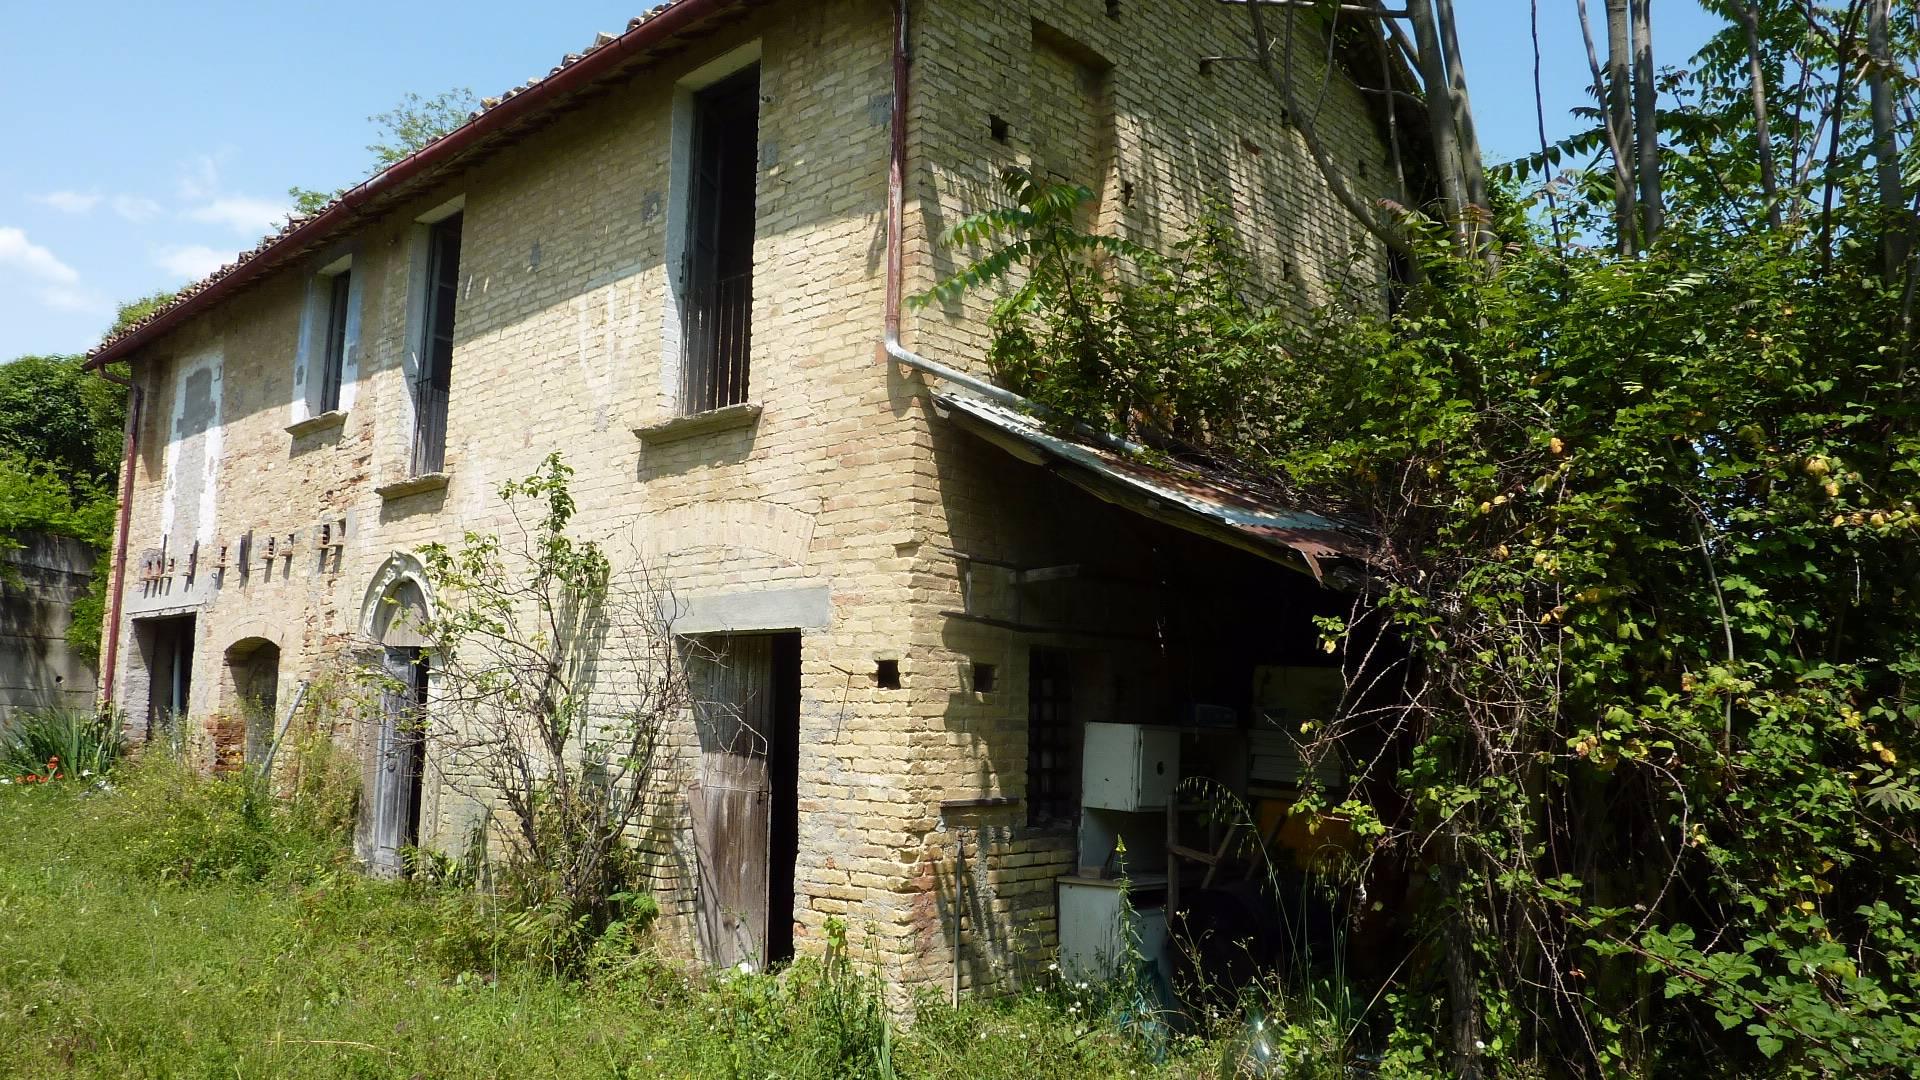 Rustico / Casale in vendita a Monsampolo del Tronto, 8 locali, zona Zona: Monsampolo, prezzo € 140.000 | Cambio Casa.it